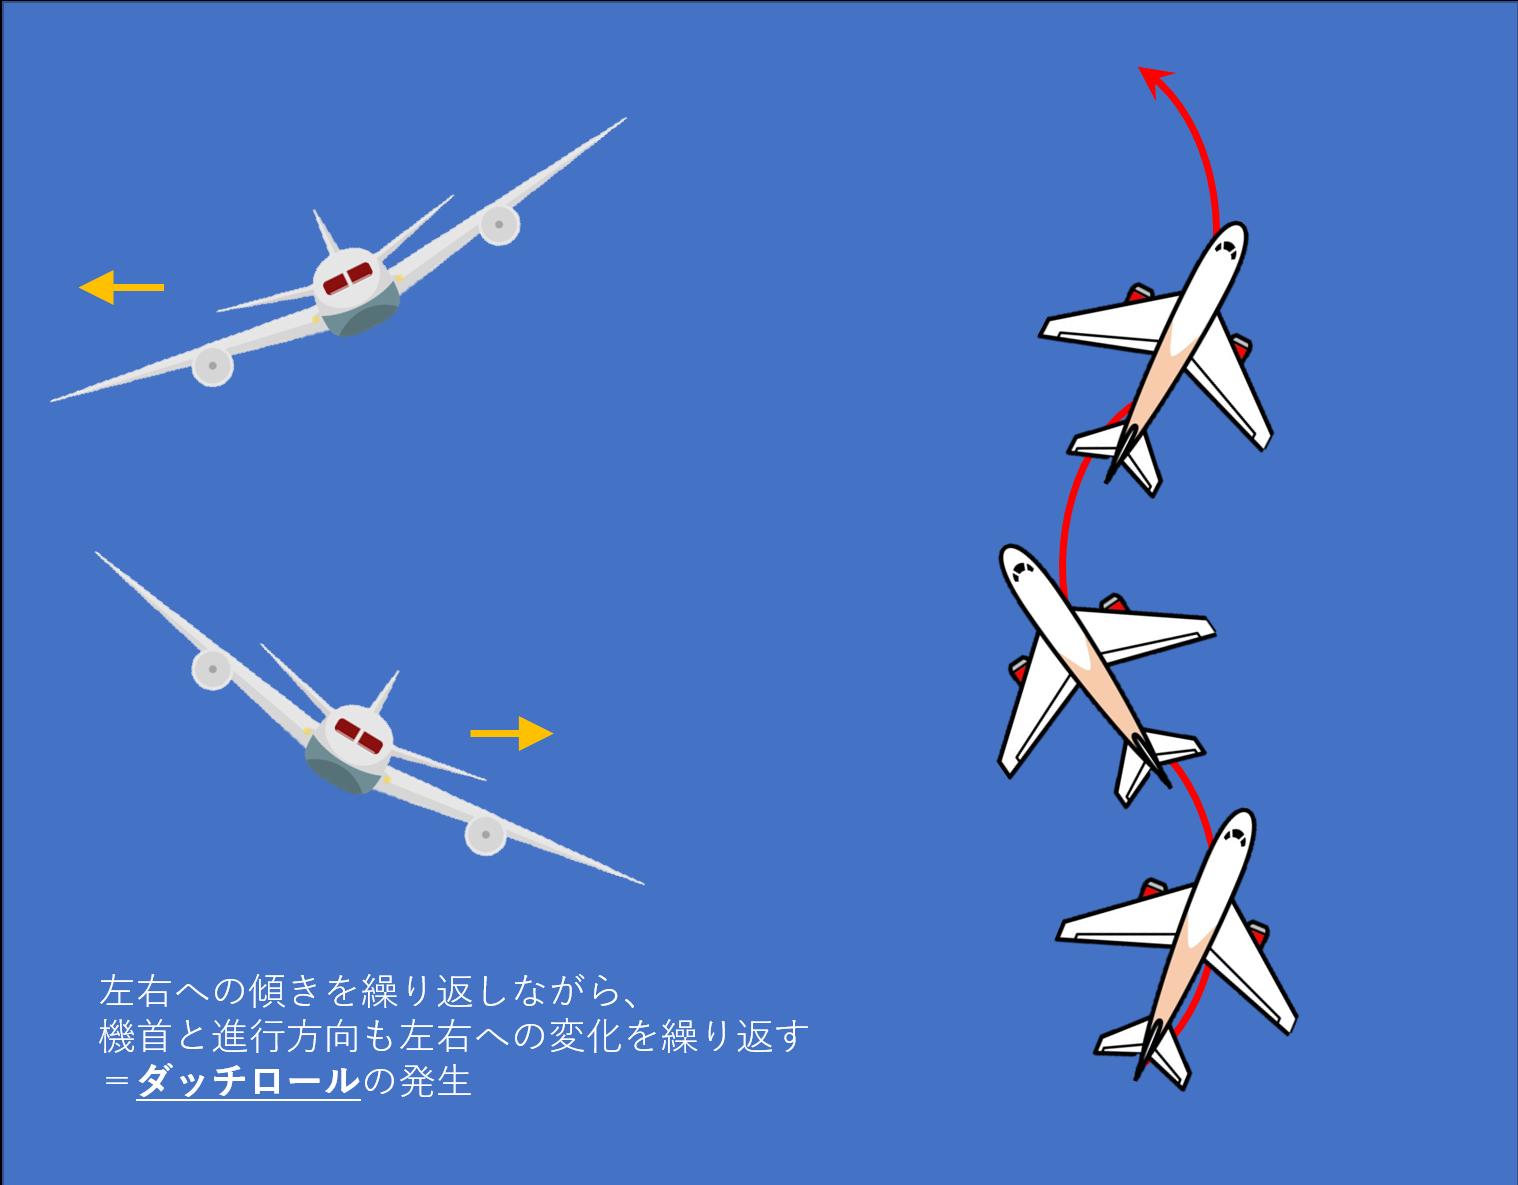 ダッチロール発生時の飛行機の挙動イメージ